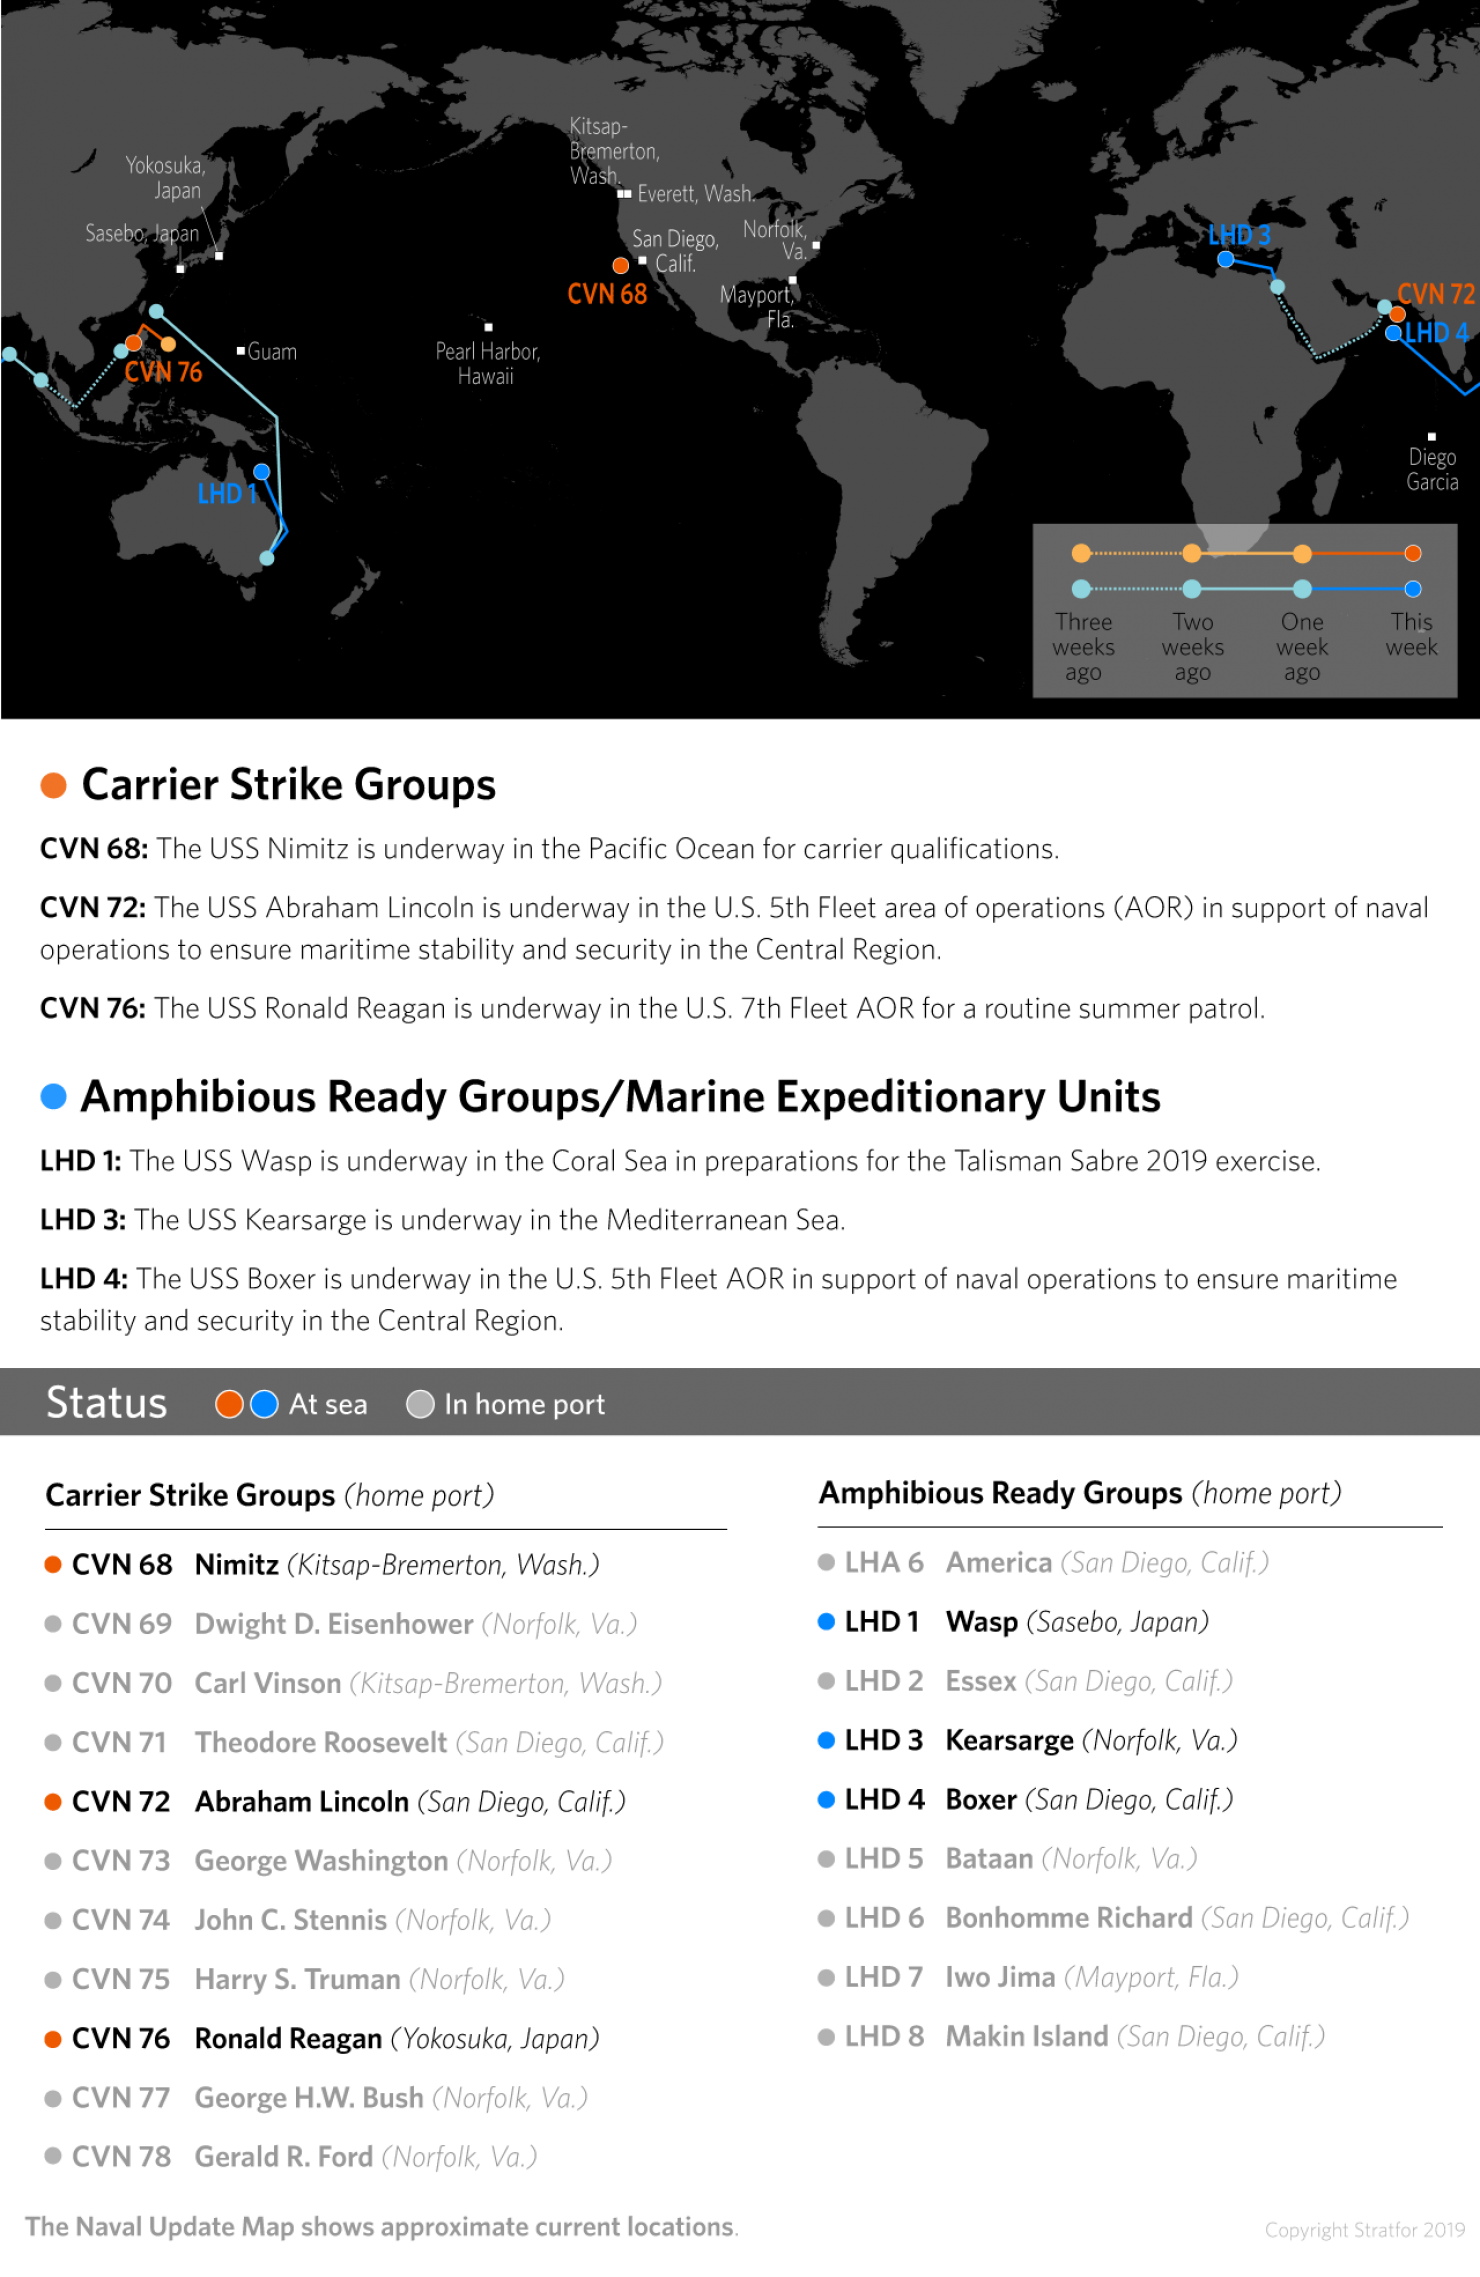 U.S. Naval Update Map: June 27, 2019 on